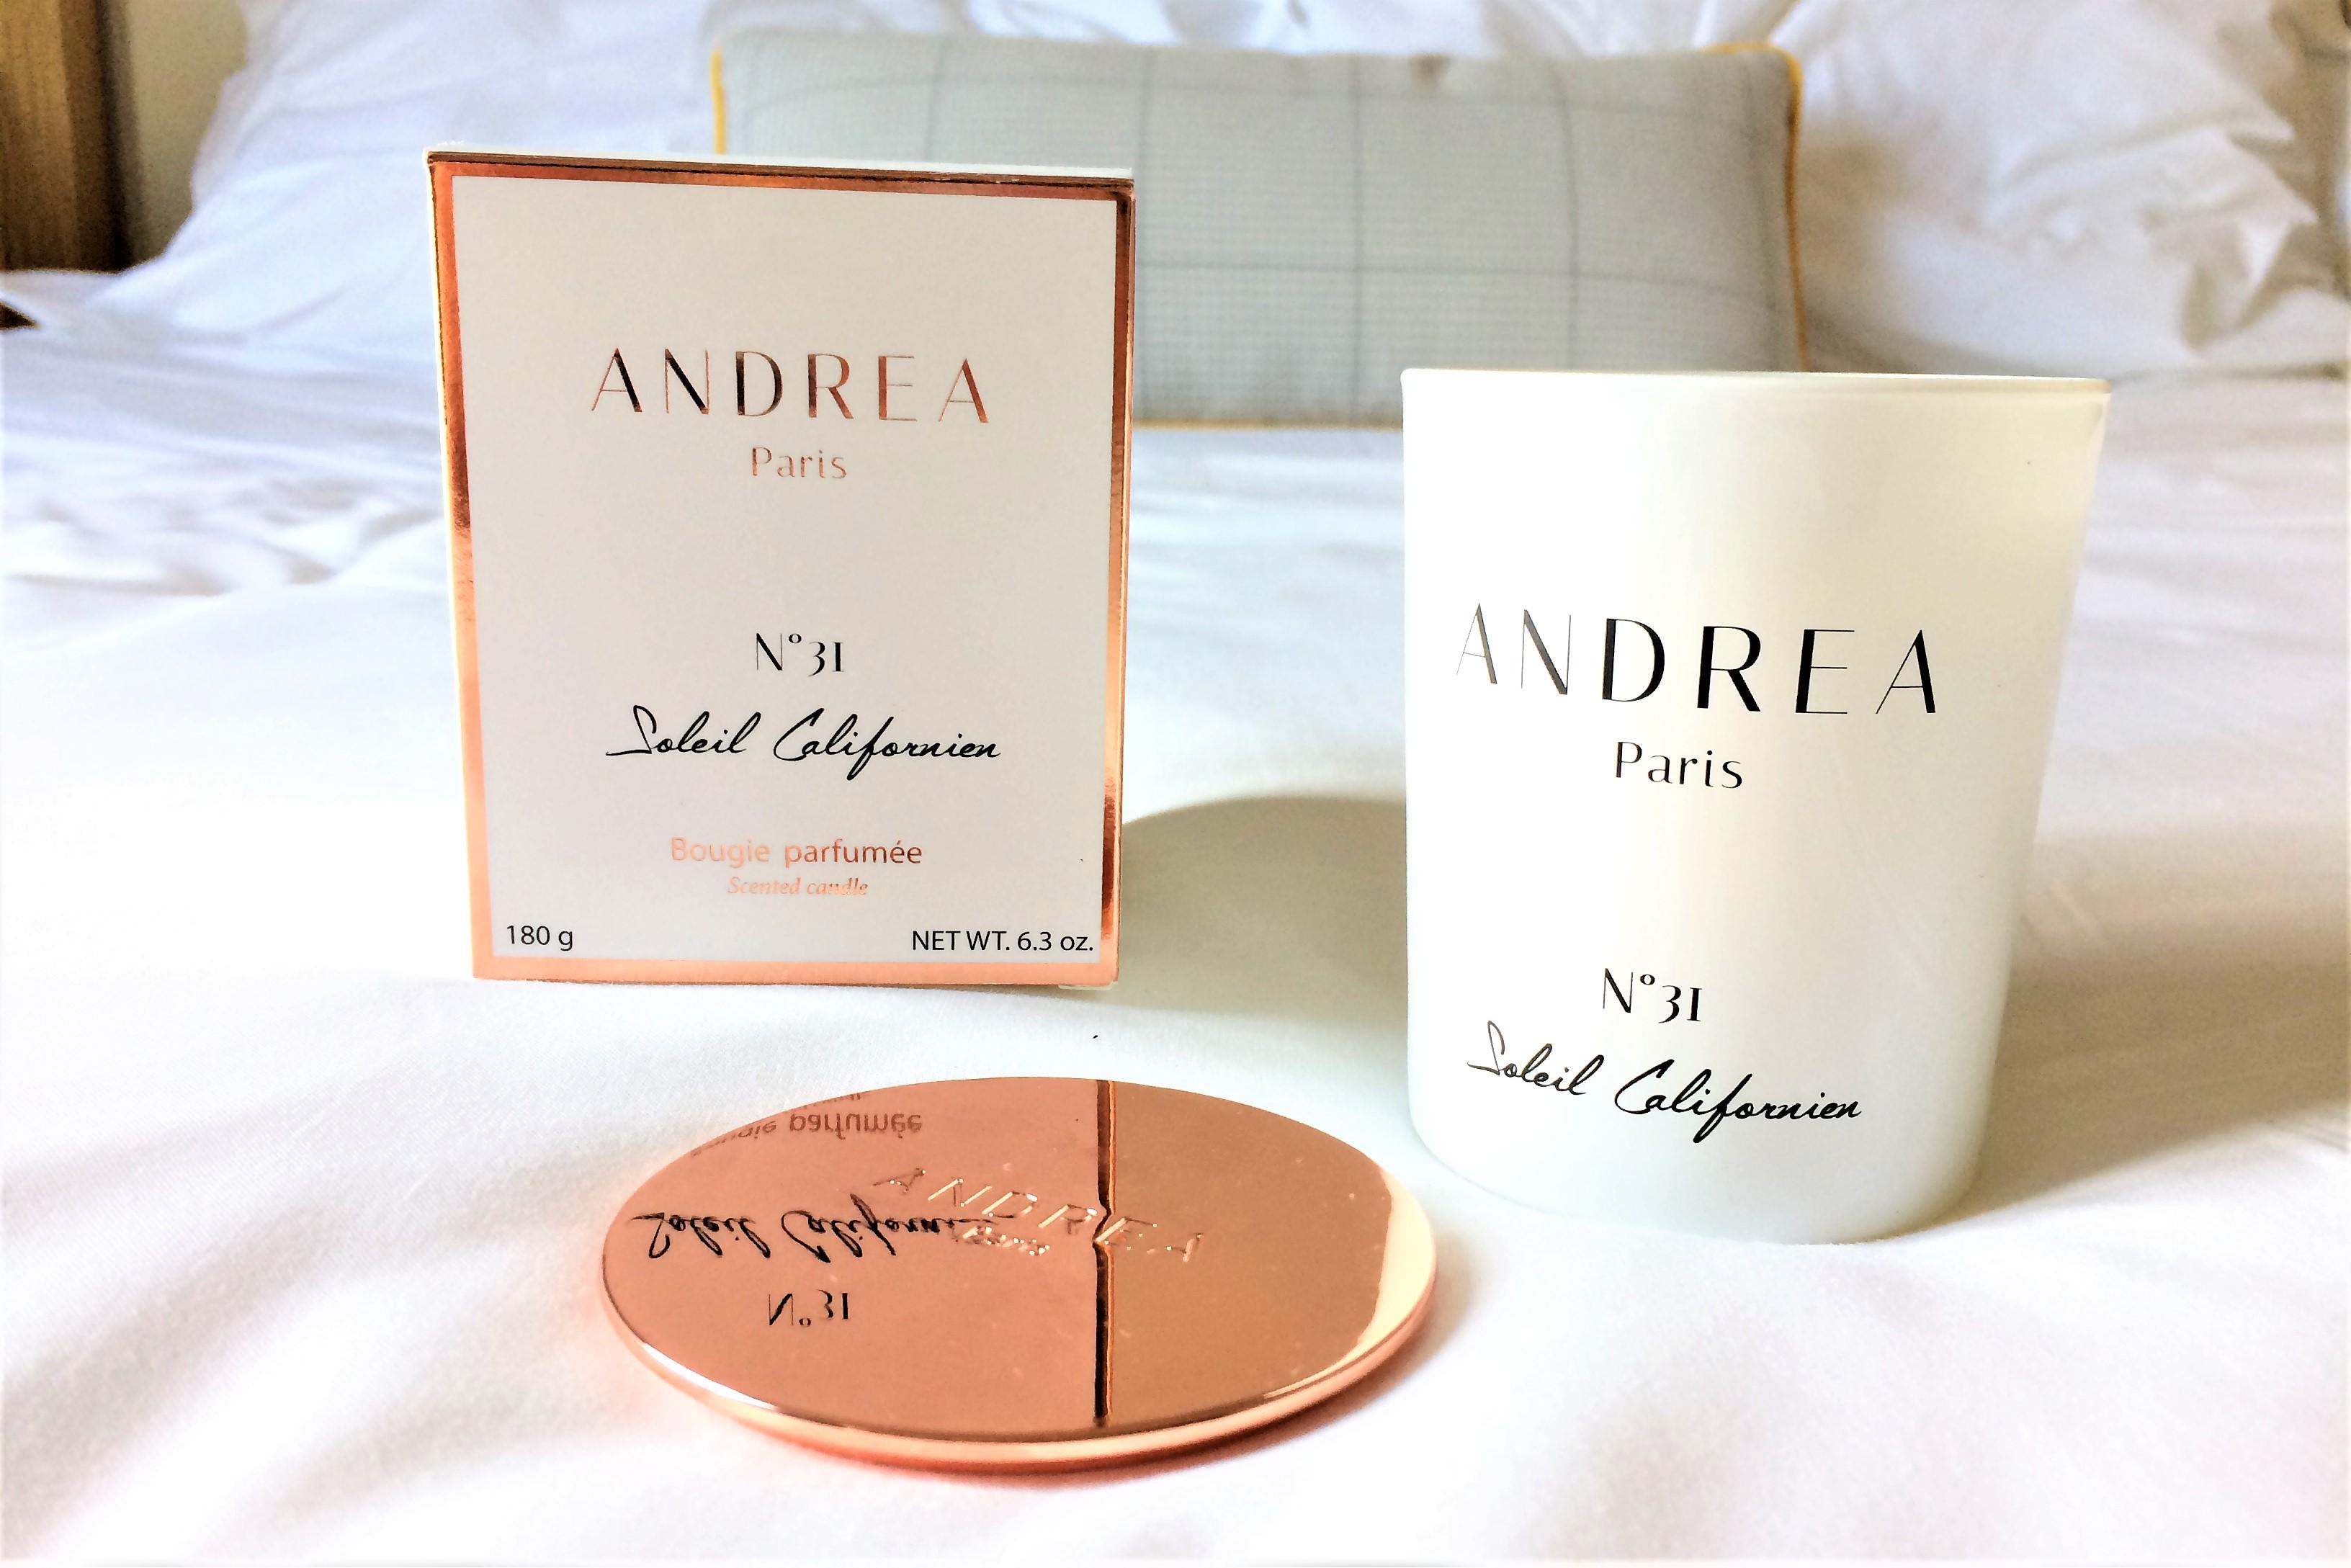 Bougies non toxiques - Andrea Paris